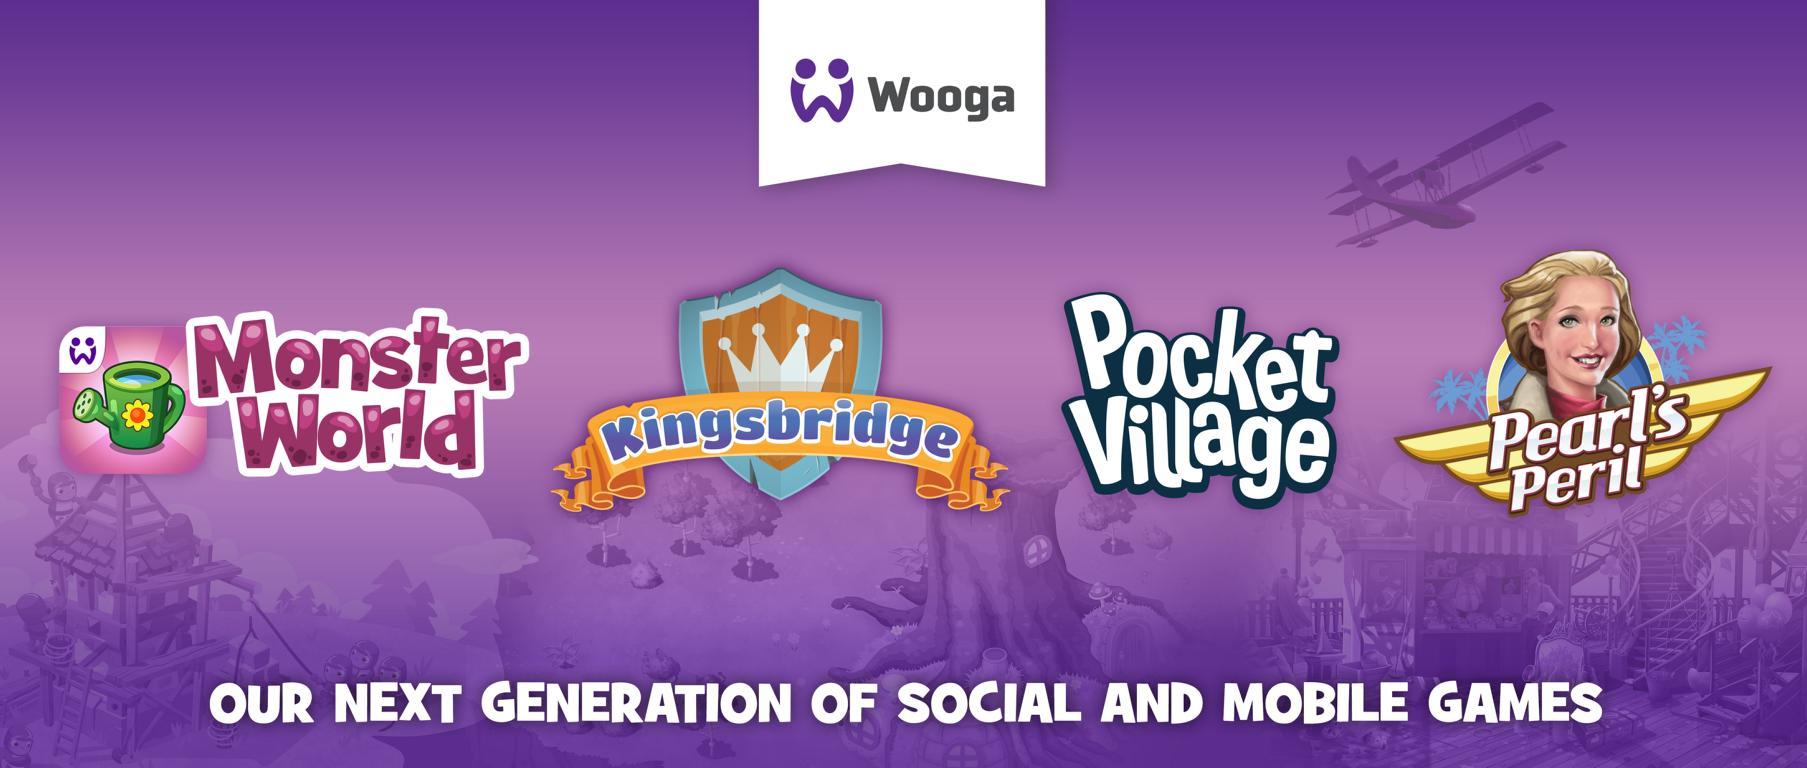 ドイツのソーシャルゲームディベロッパーのWooga、今度はモバイル向けのミッドコアタイトルに注力